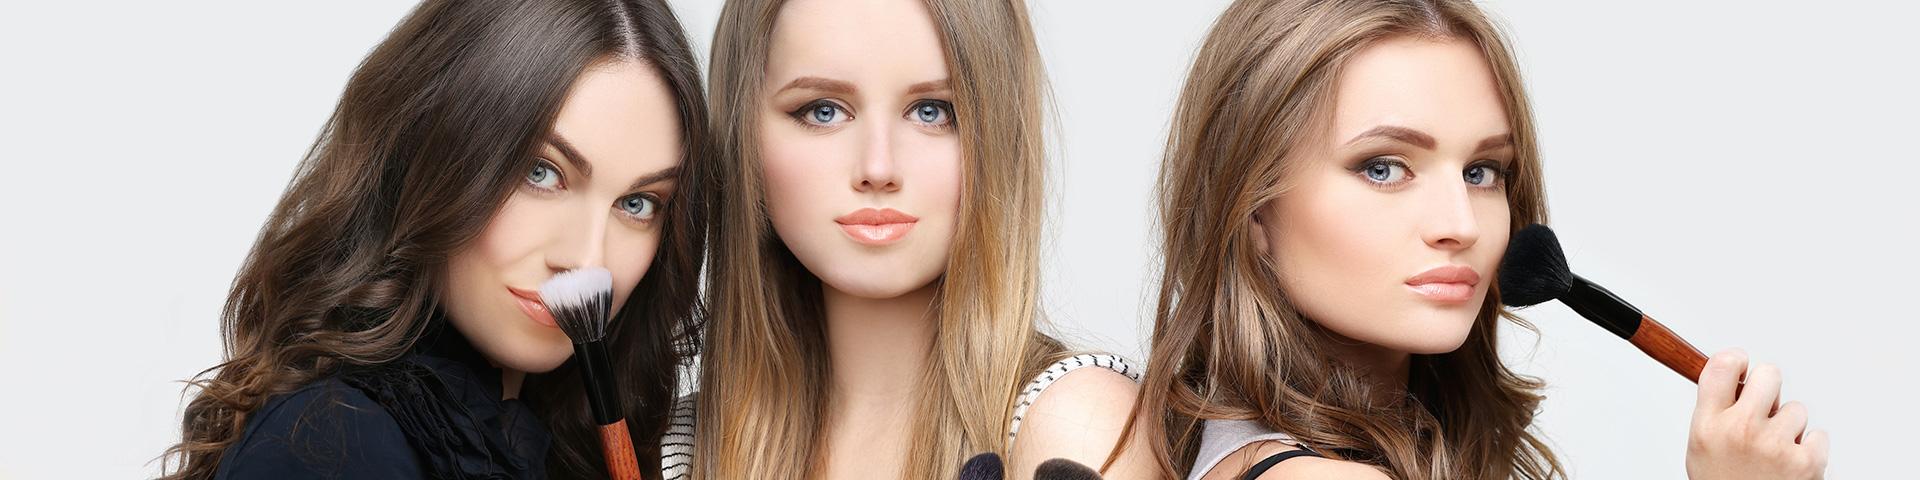 3 junge Frauen links mit schwarzen langen Haar, in der Mitte blond und recht mit braunen langen Haar. Die Damen halten Kosmetikpinsel zum Gesicht